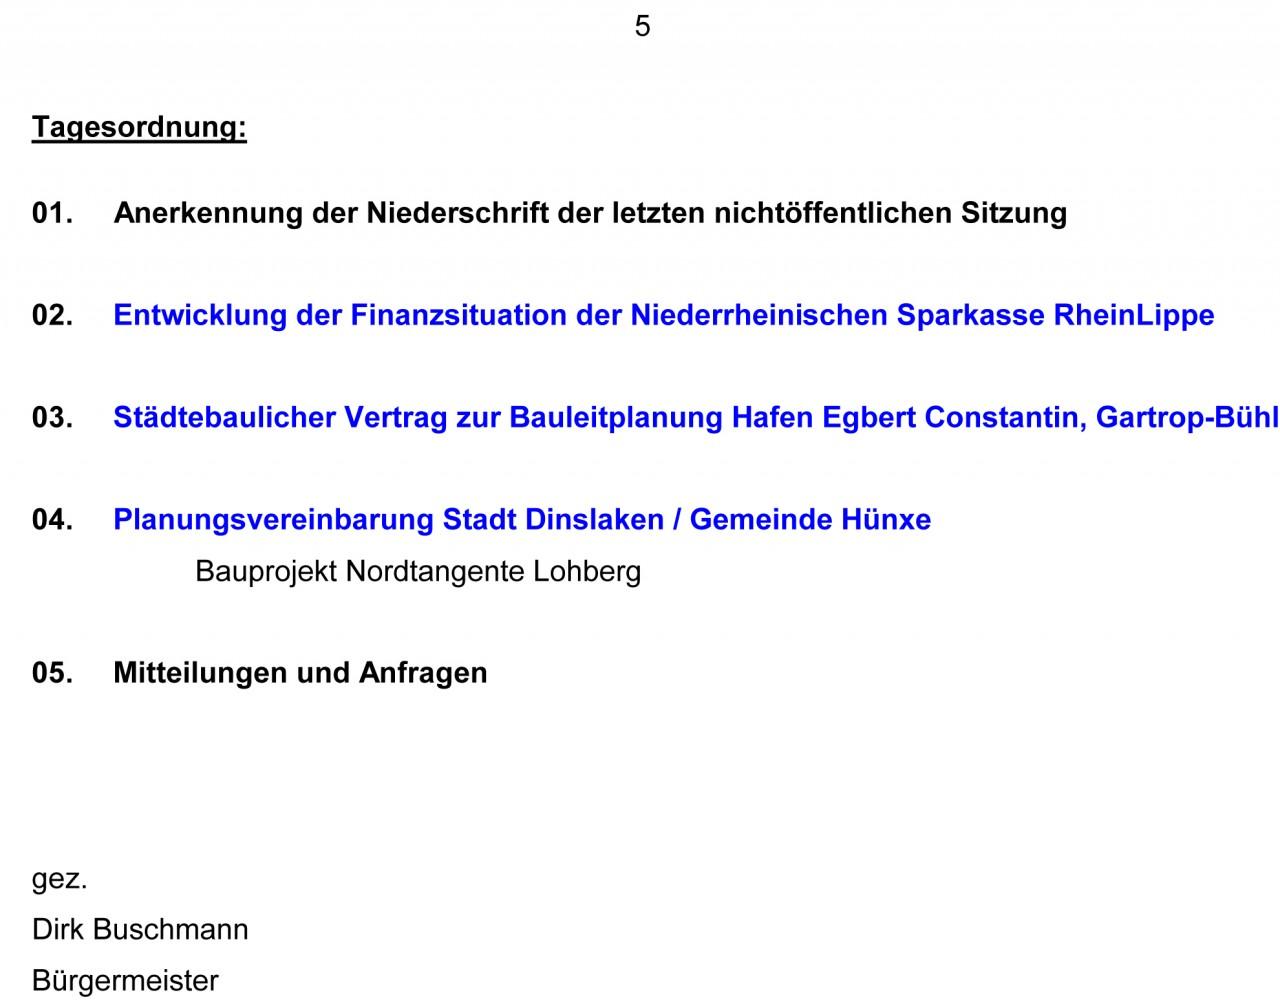 Tagesordnung HFA 22. Sitzung2014.docx